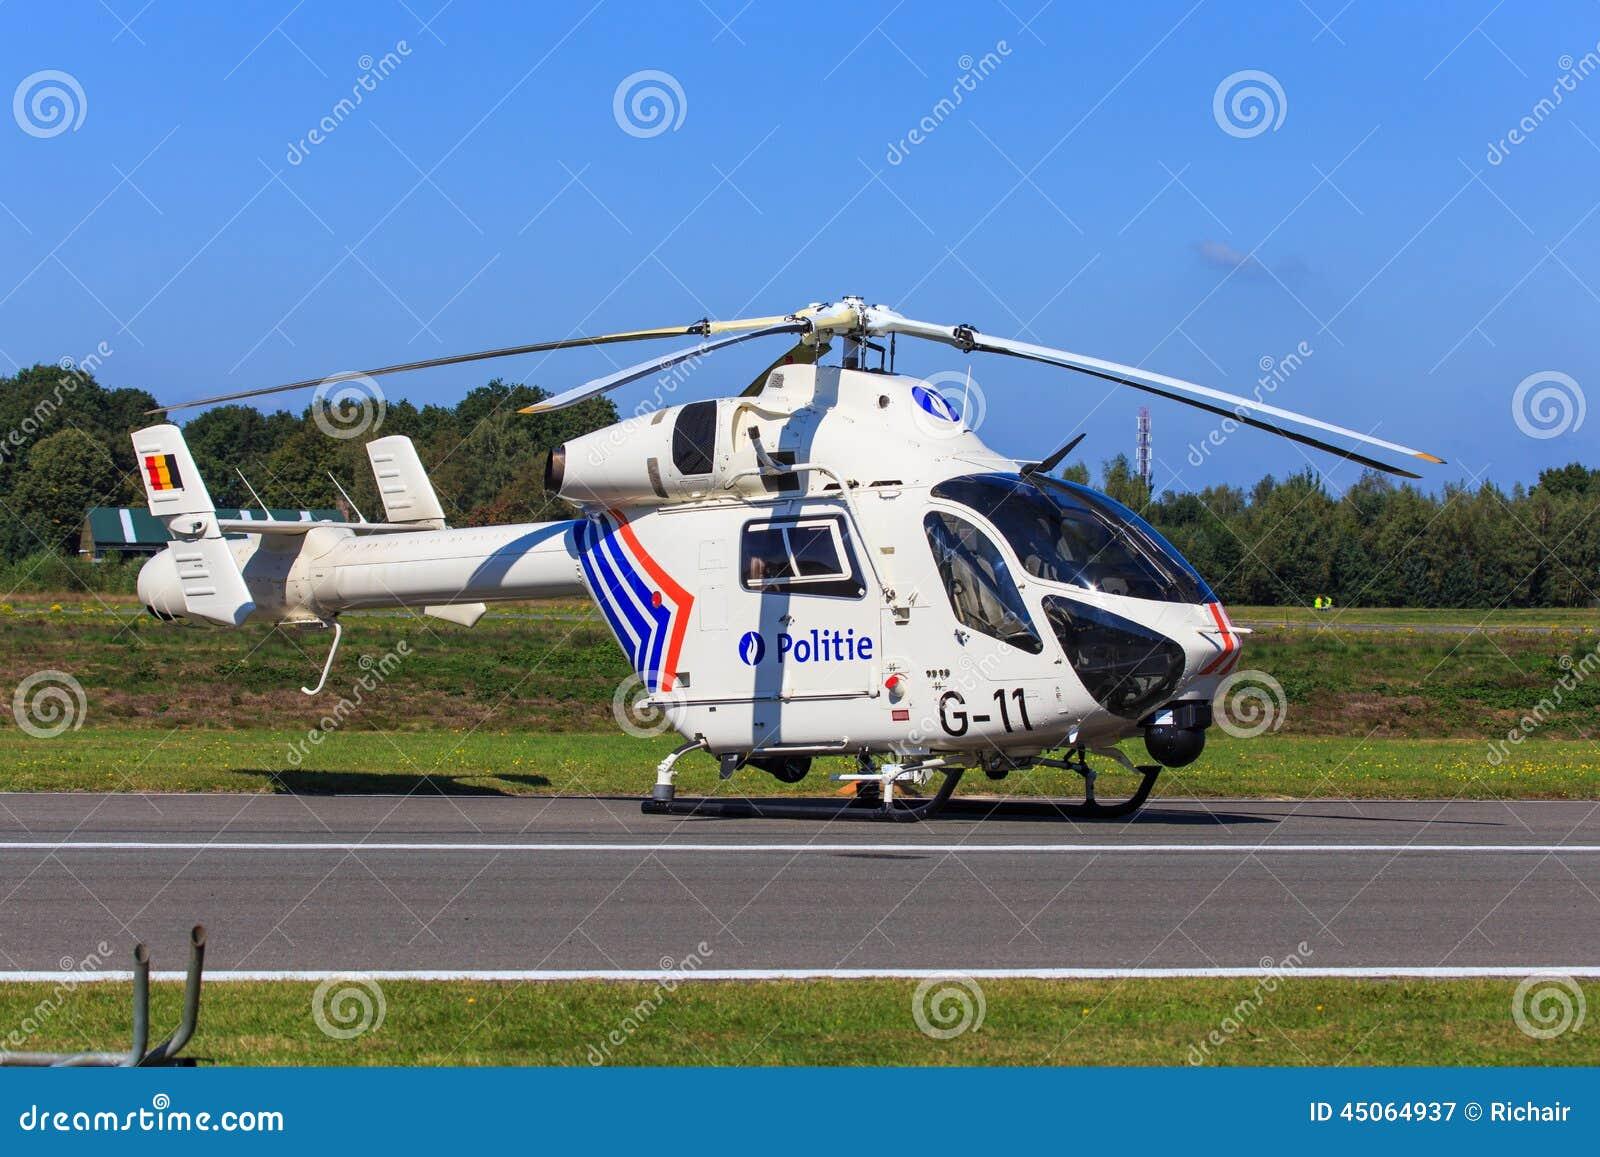 Elicottero 450 : Elicottero di polizia fotografia editoriale. immagine di elicottero